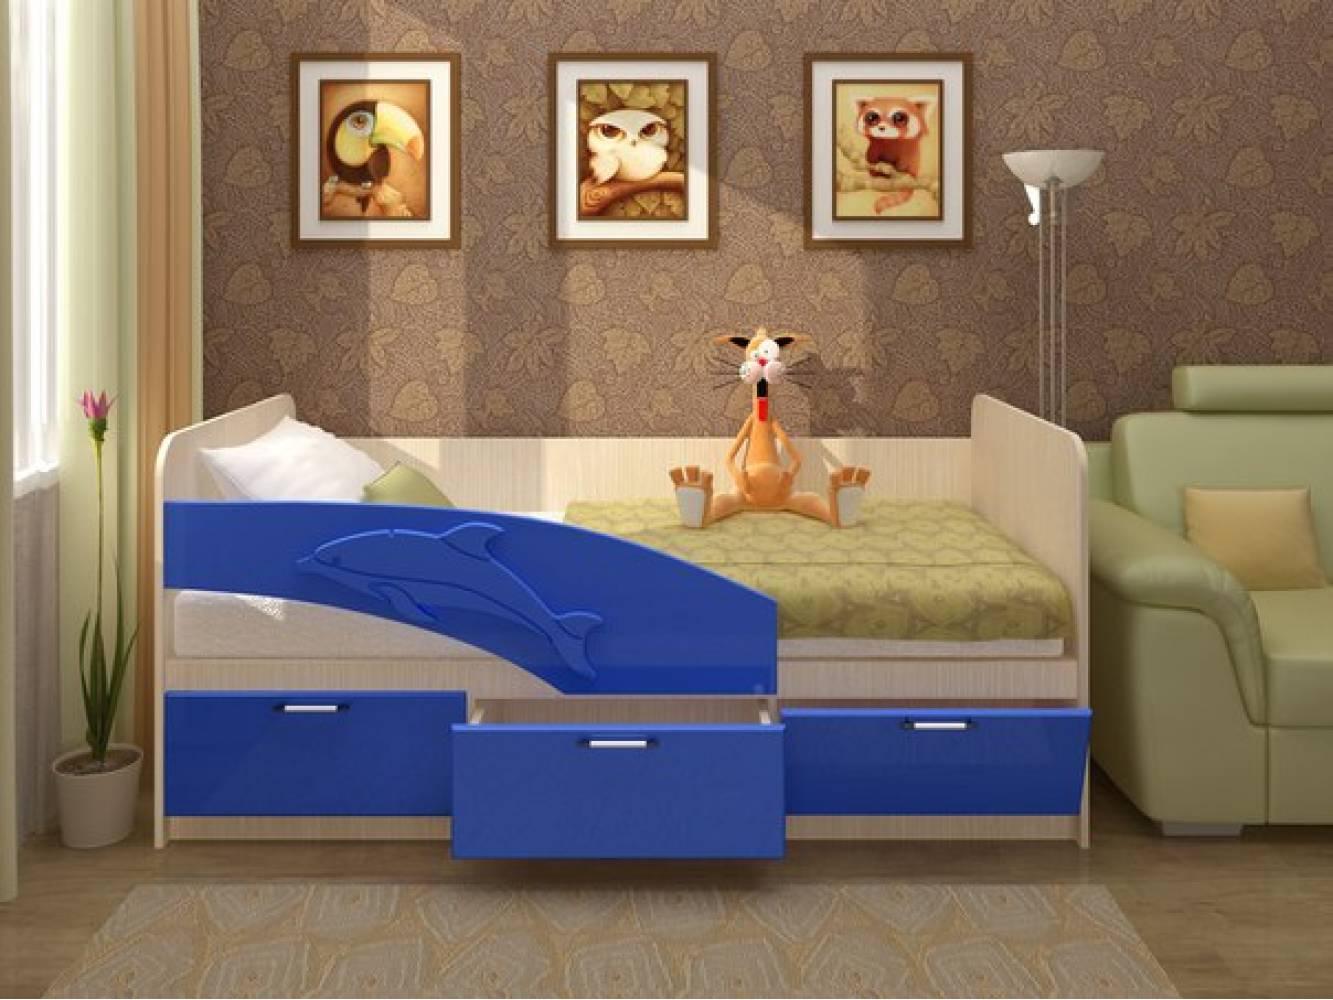 Кровать 800 ПВХ 2,0м ДЕЛЬФИН (синий  матов) Миф